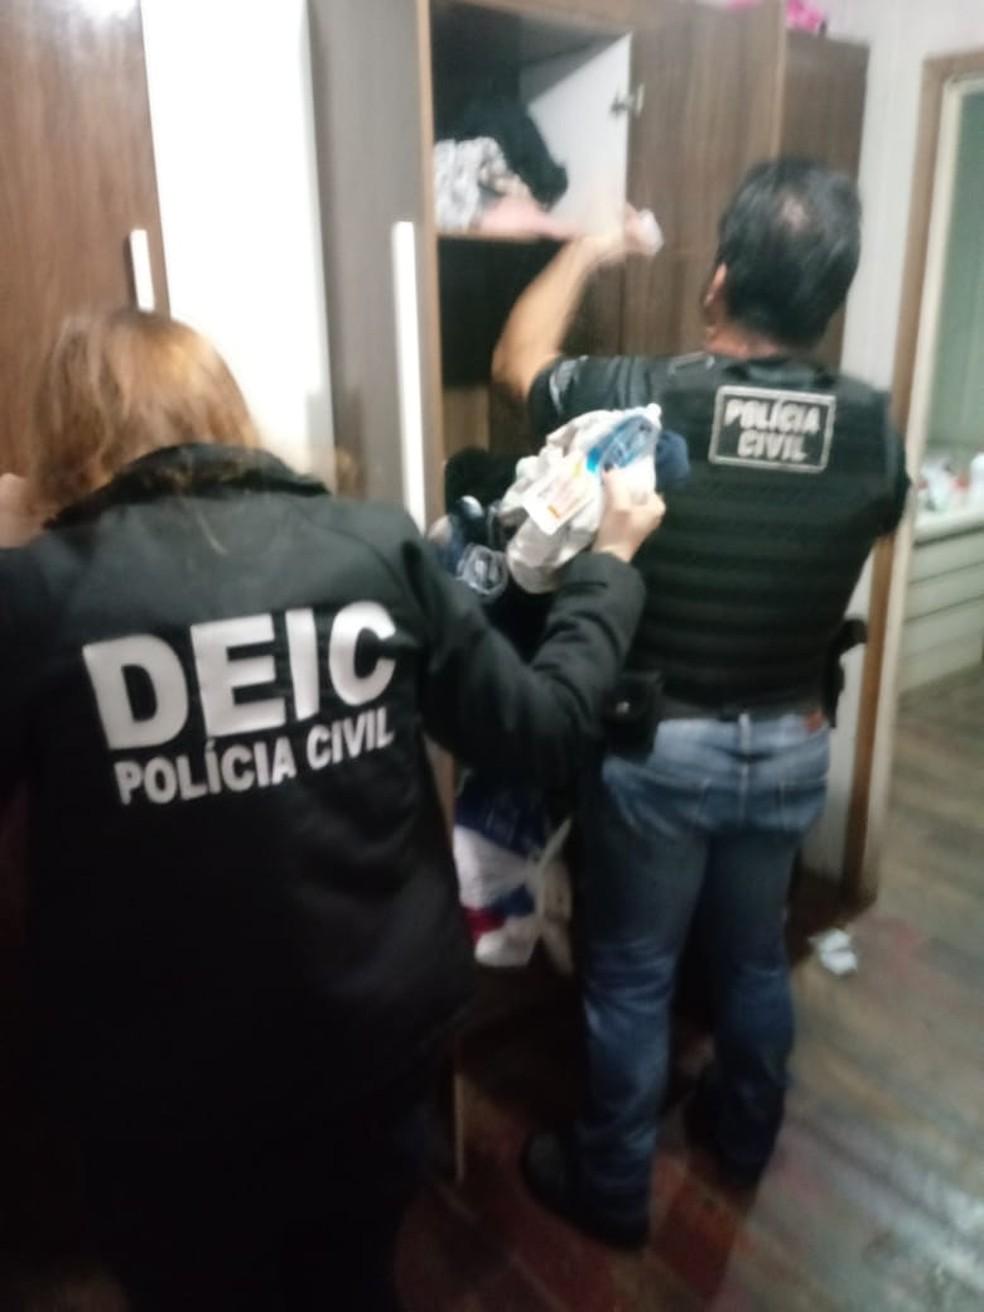 Mandados estão sendo cumpridos em oito cidades catarinenses — Foto: Polícia Civil/Divulgação